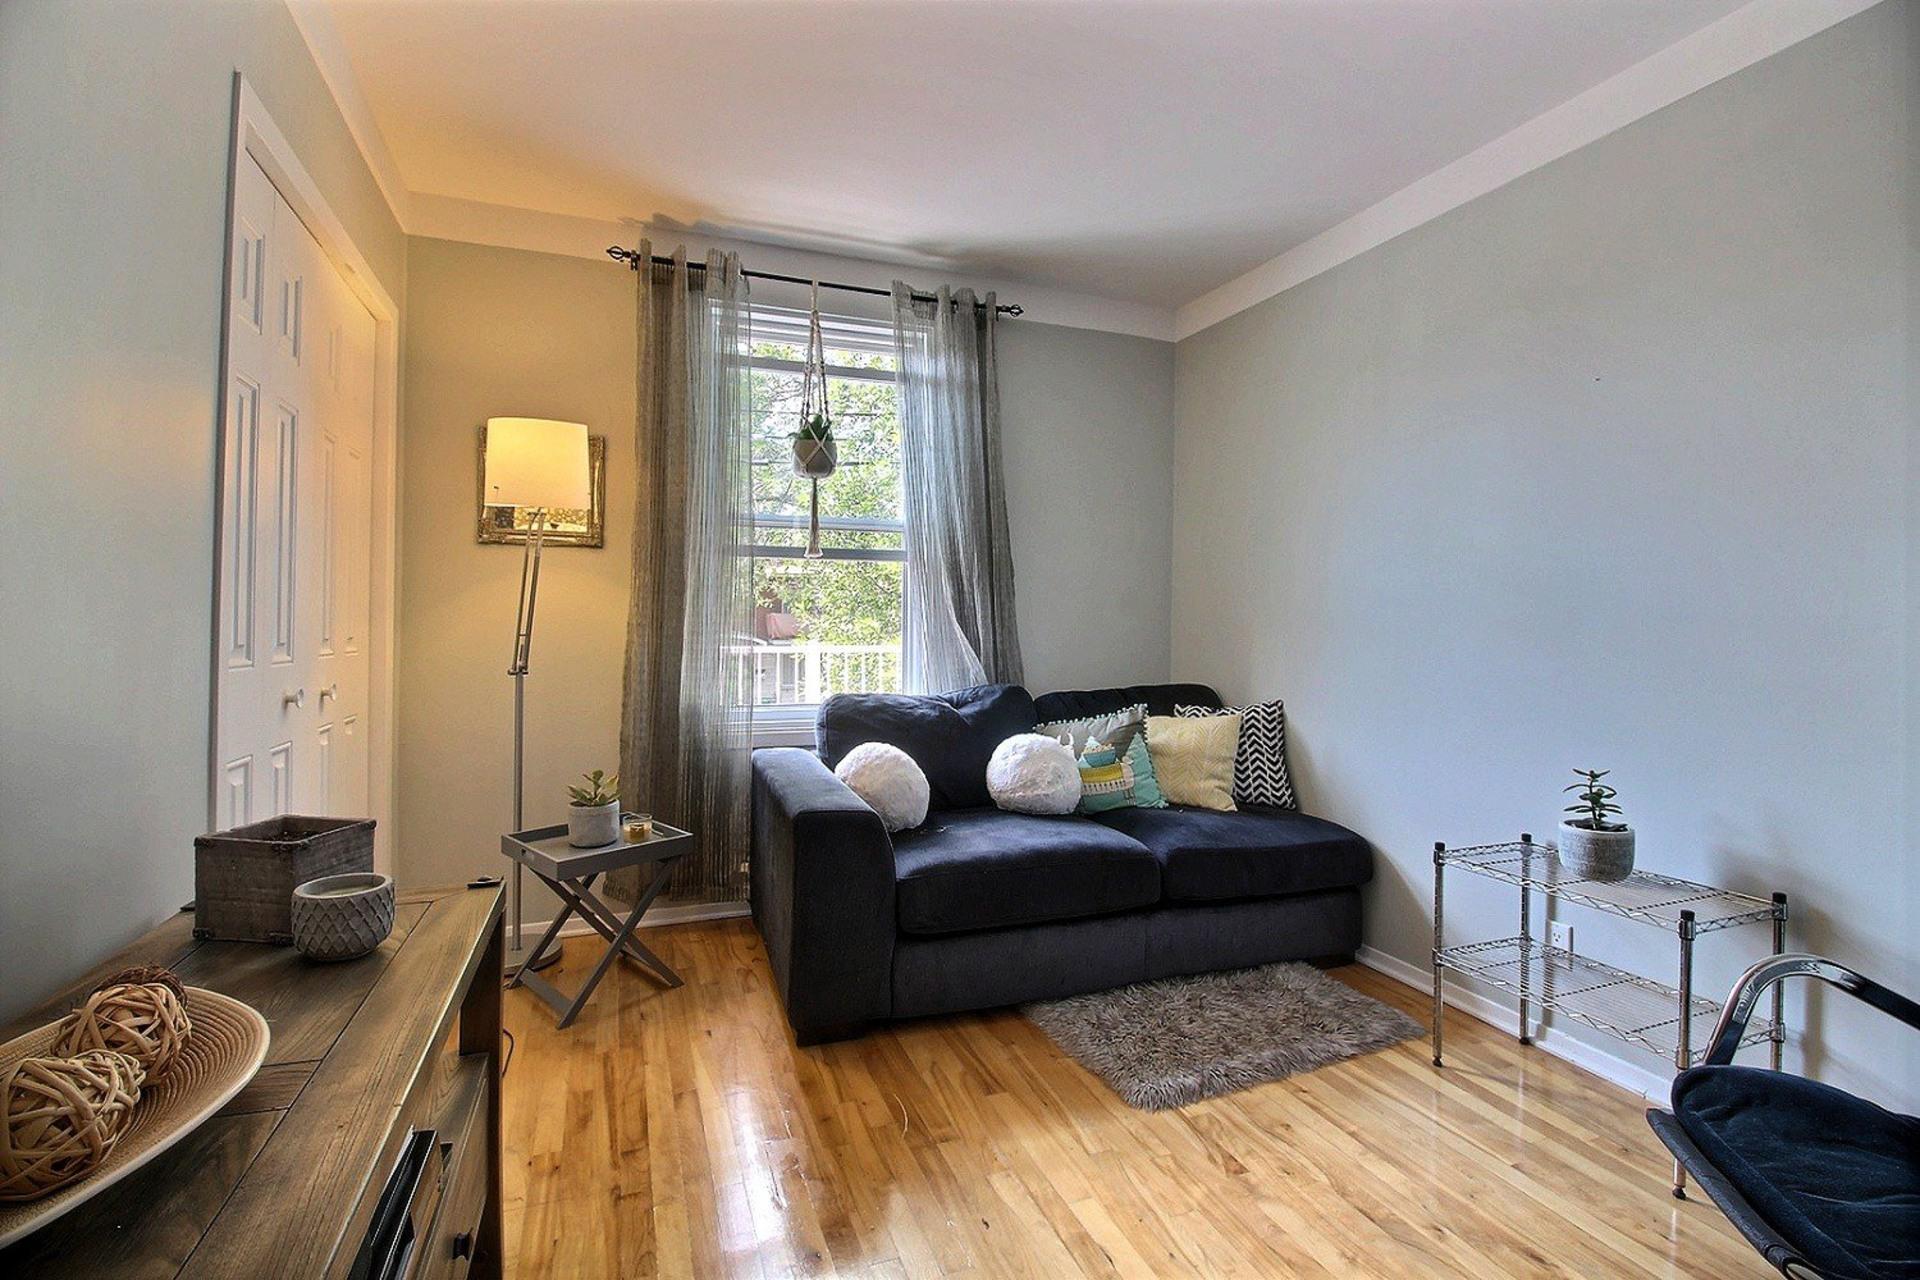 image 14 - Duplex For sale Mercier/Hochelaga-Maisonneuve Montréal  - 5 rooms